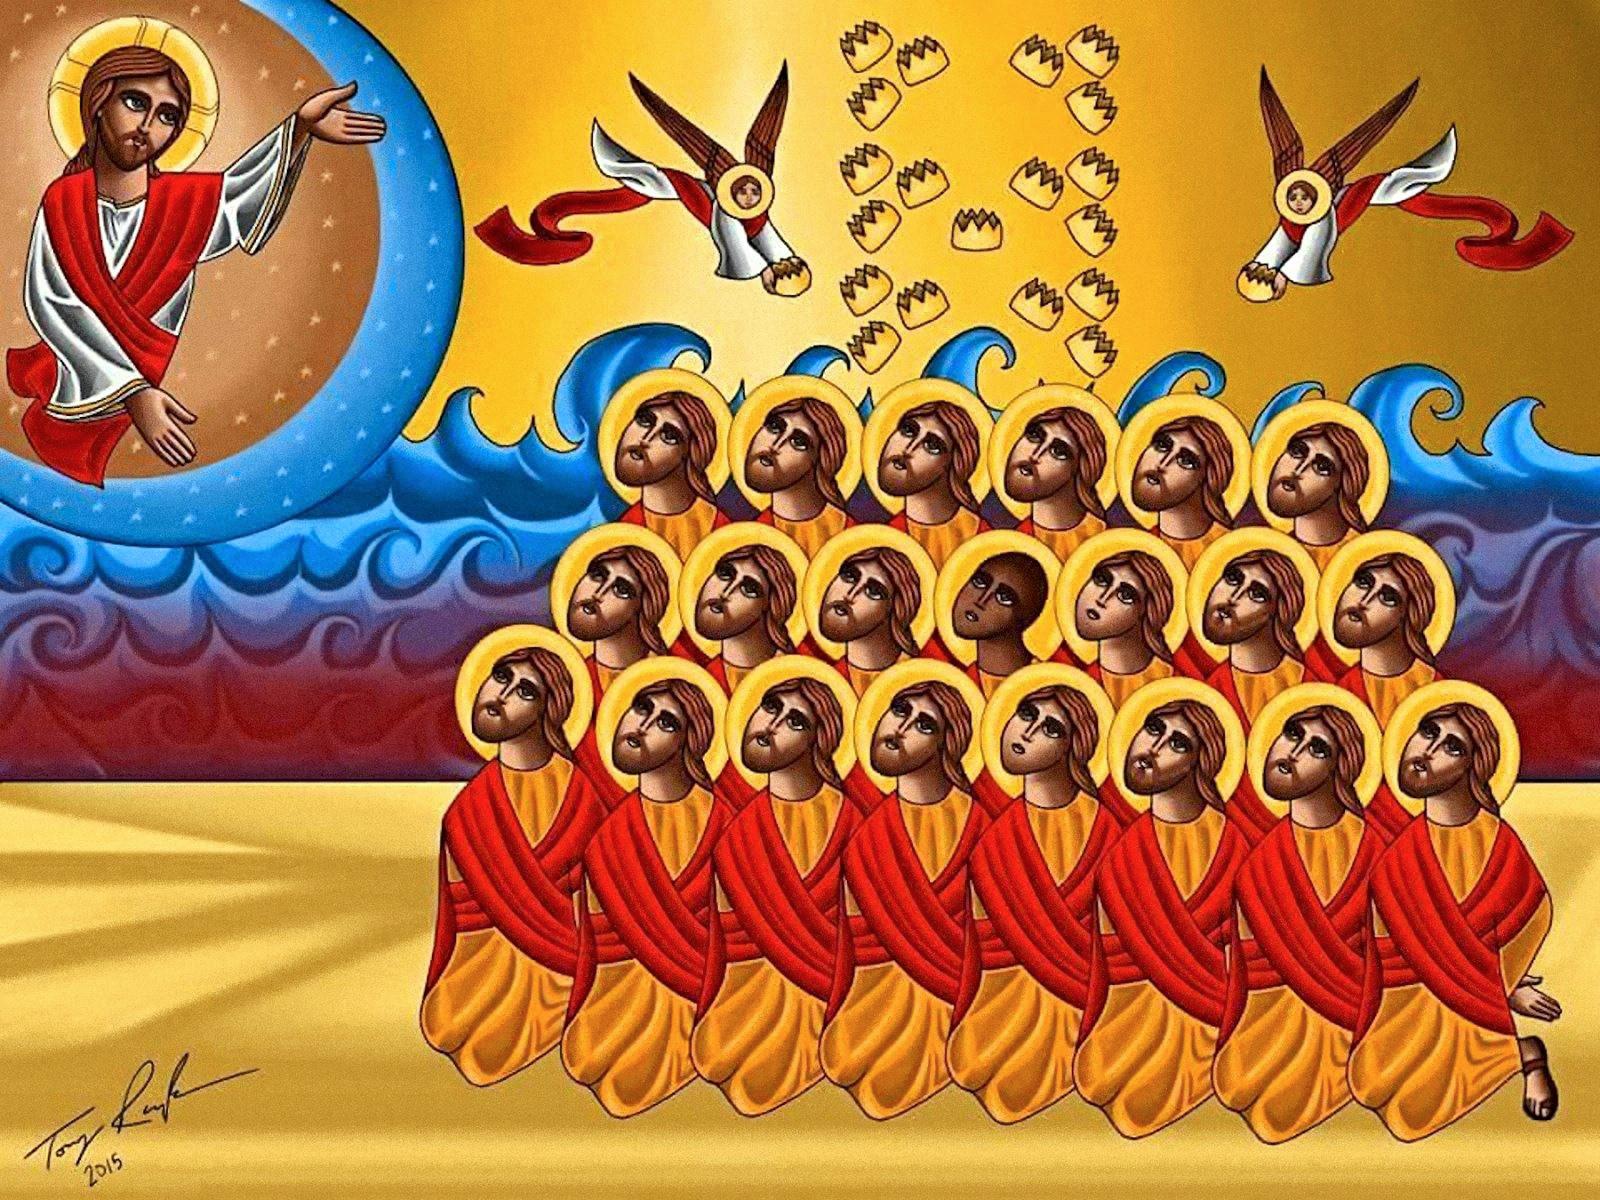 В Египте почтили память коптов-христиан, убитых год назад в Ливии джихадистами ИГИЛ